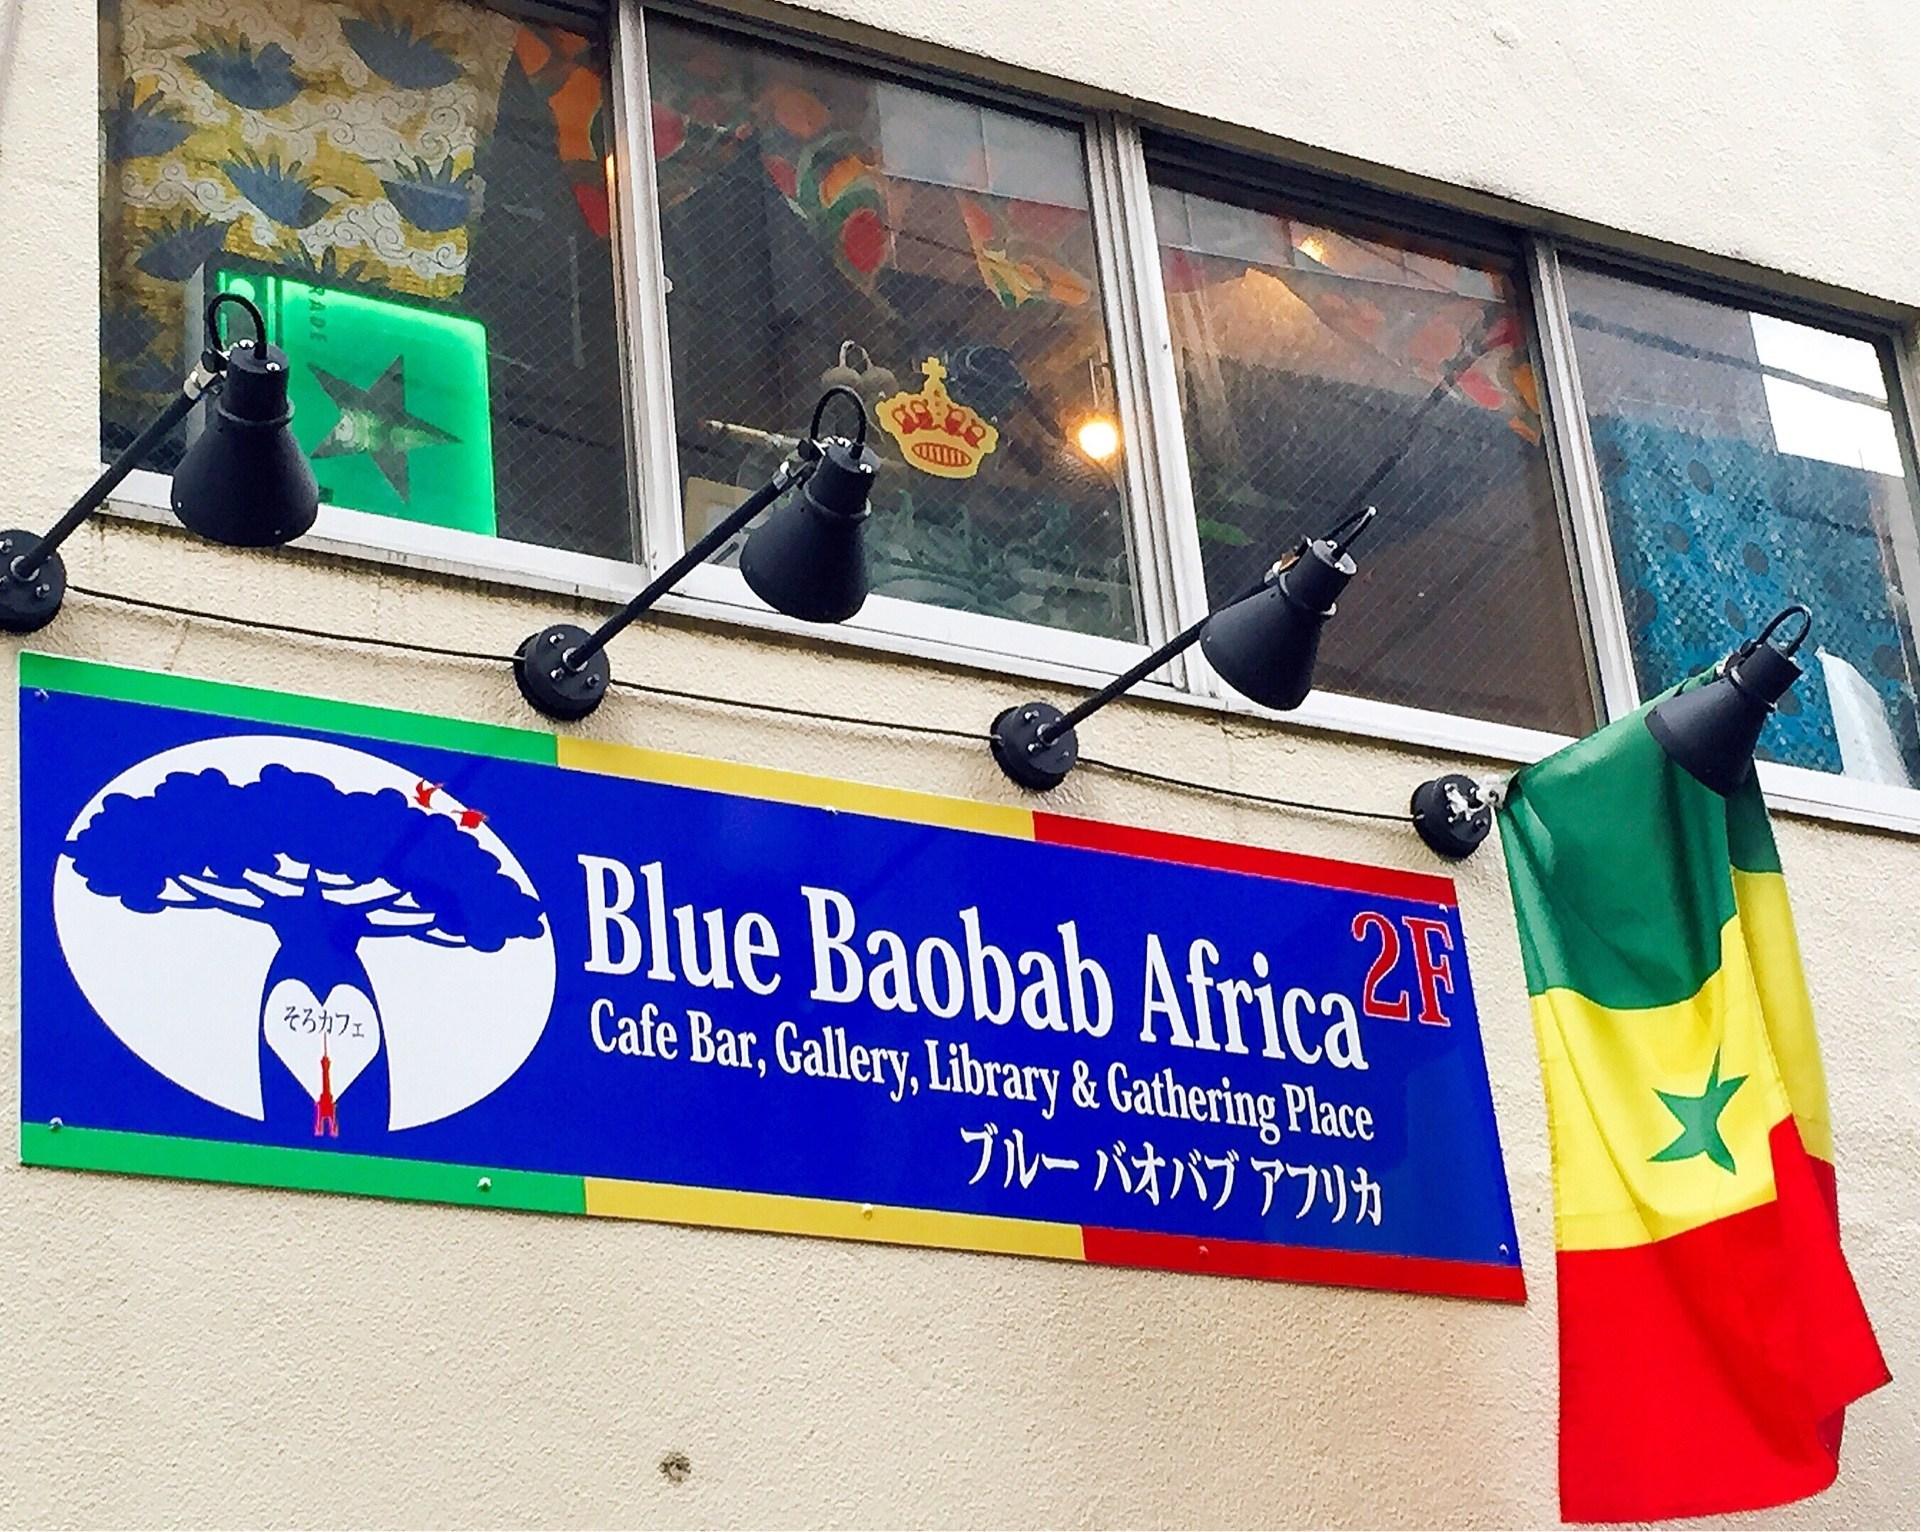 ブルーバオバブ アフリカ